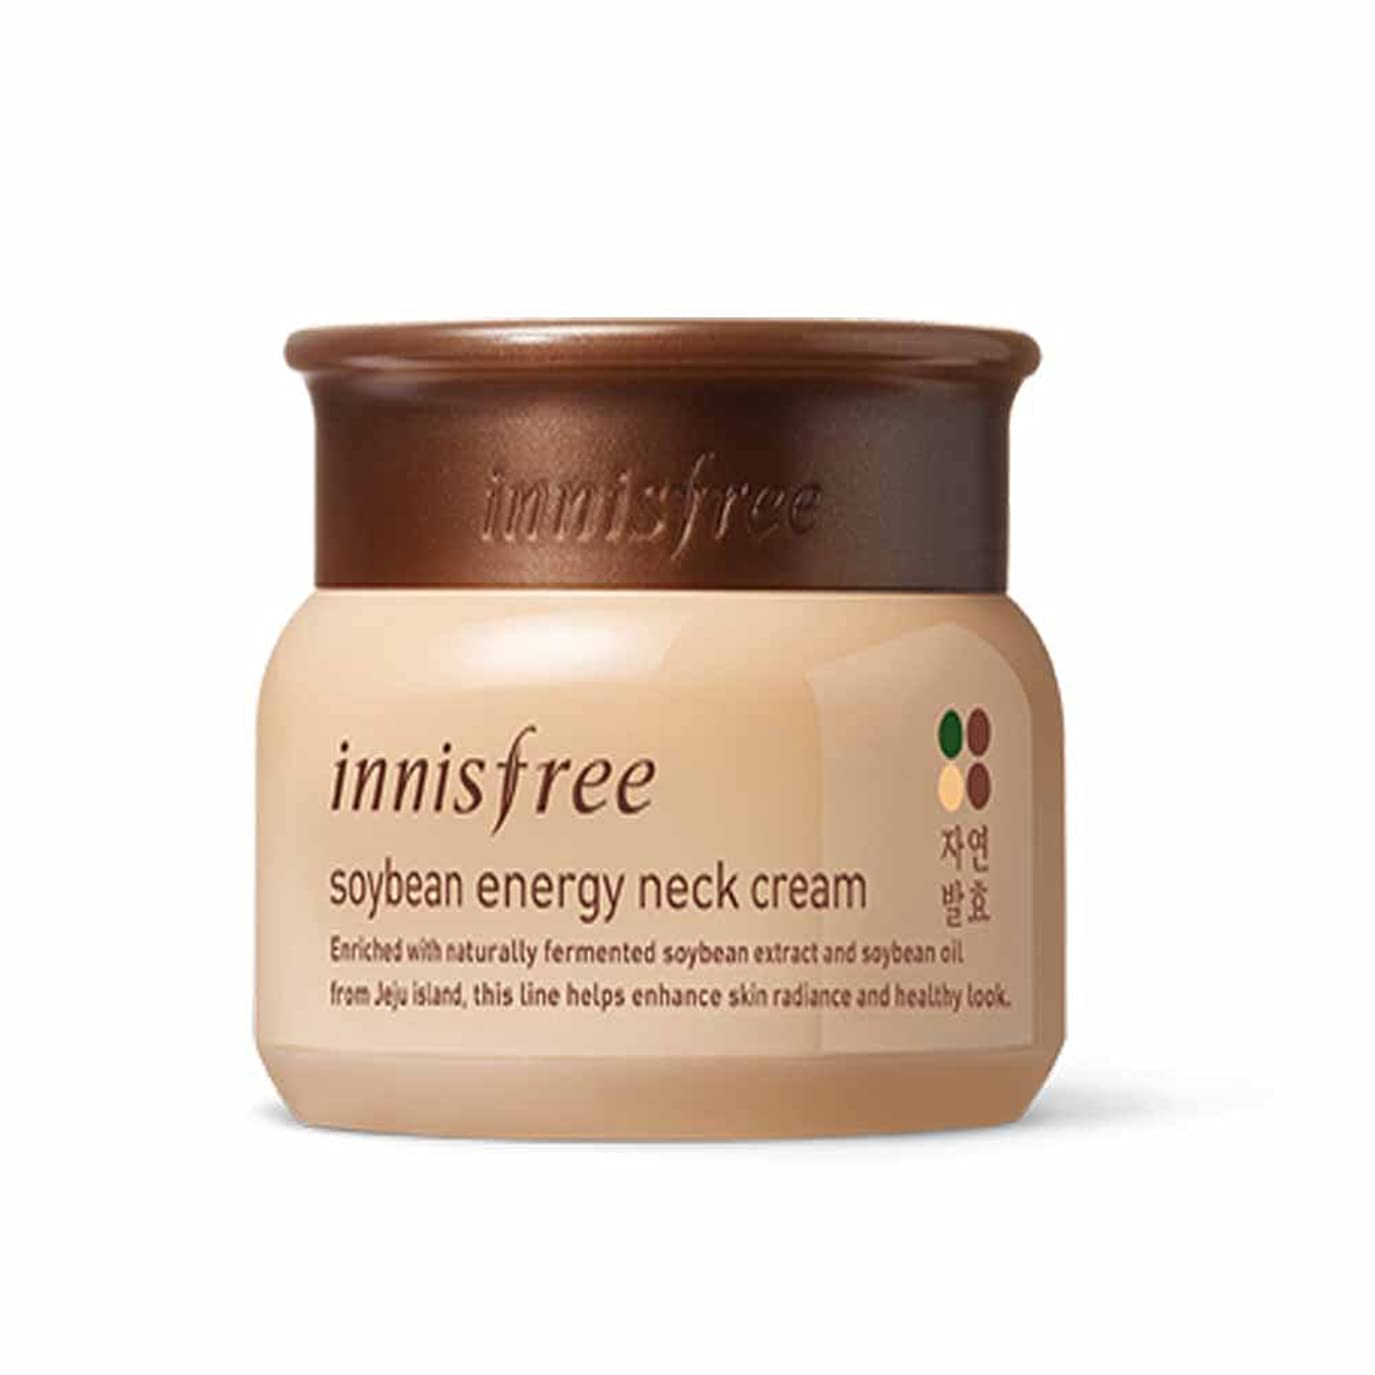 頑丈スローガン大洪水イニスフリーソーイングエナジーネッククリーム80ml / Innisfree Soybean Energy Neck Cream 80ml[海外直送品] [並行輸入品]